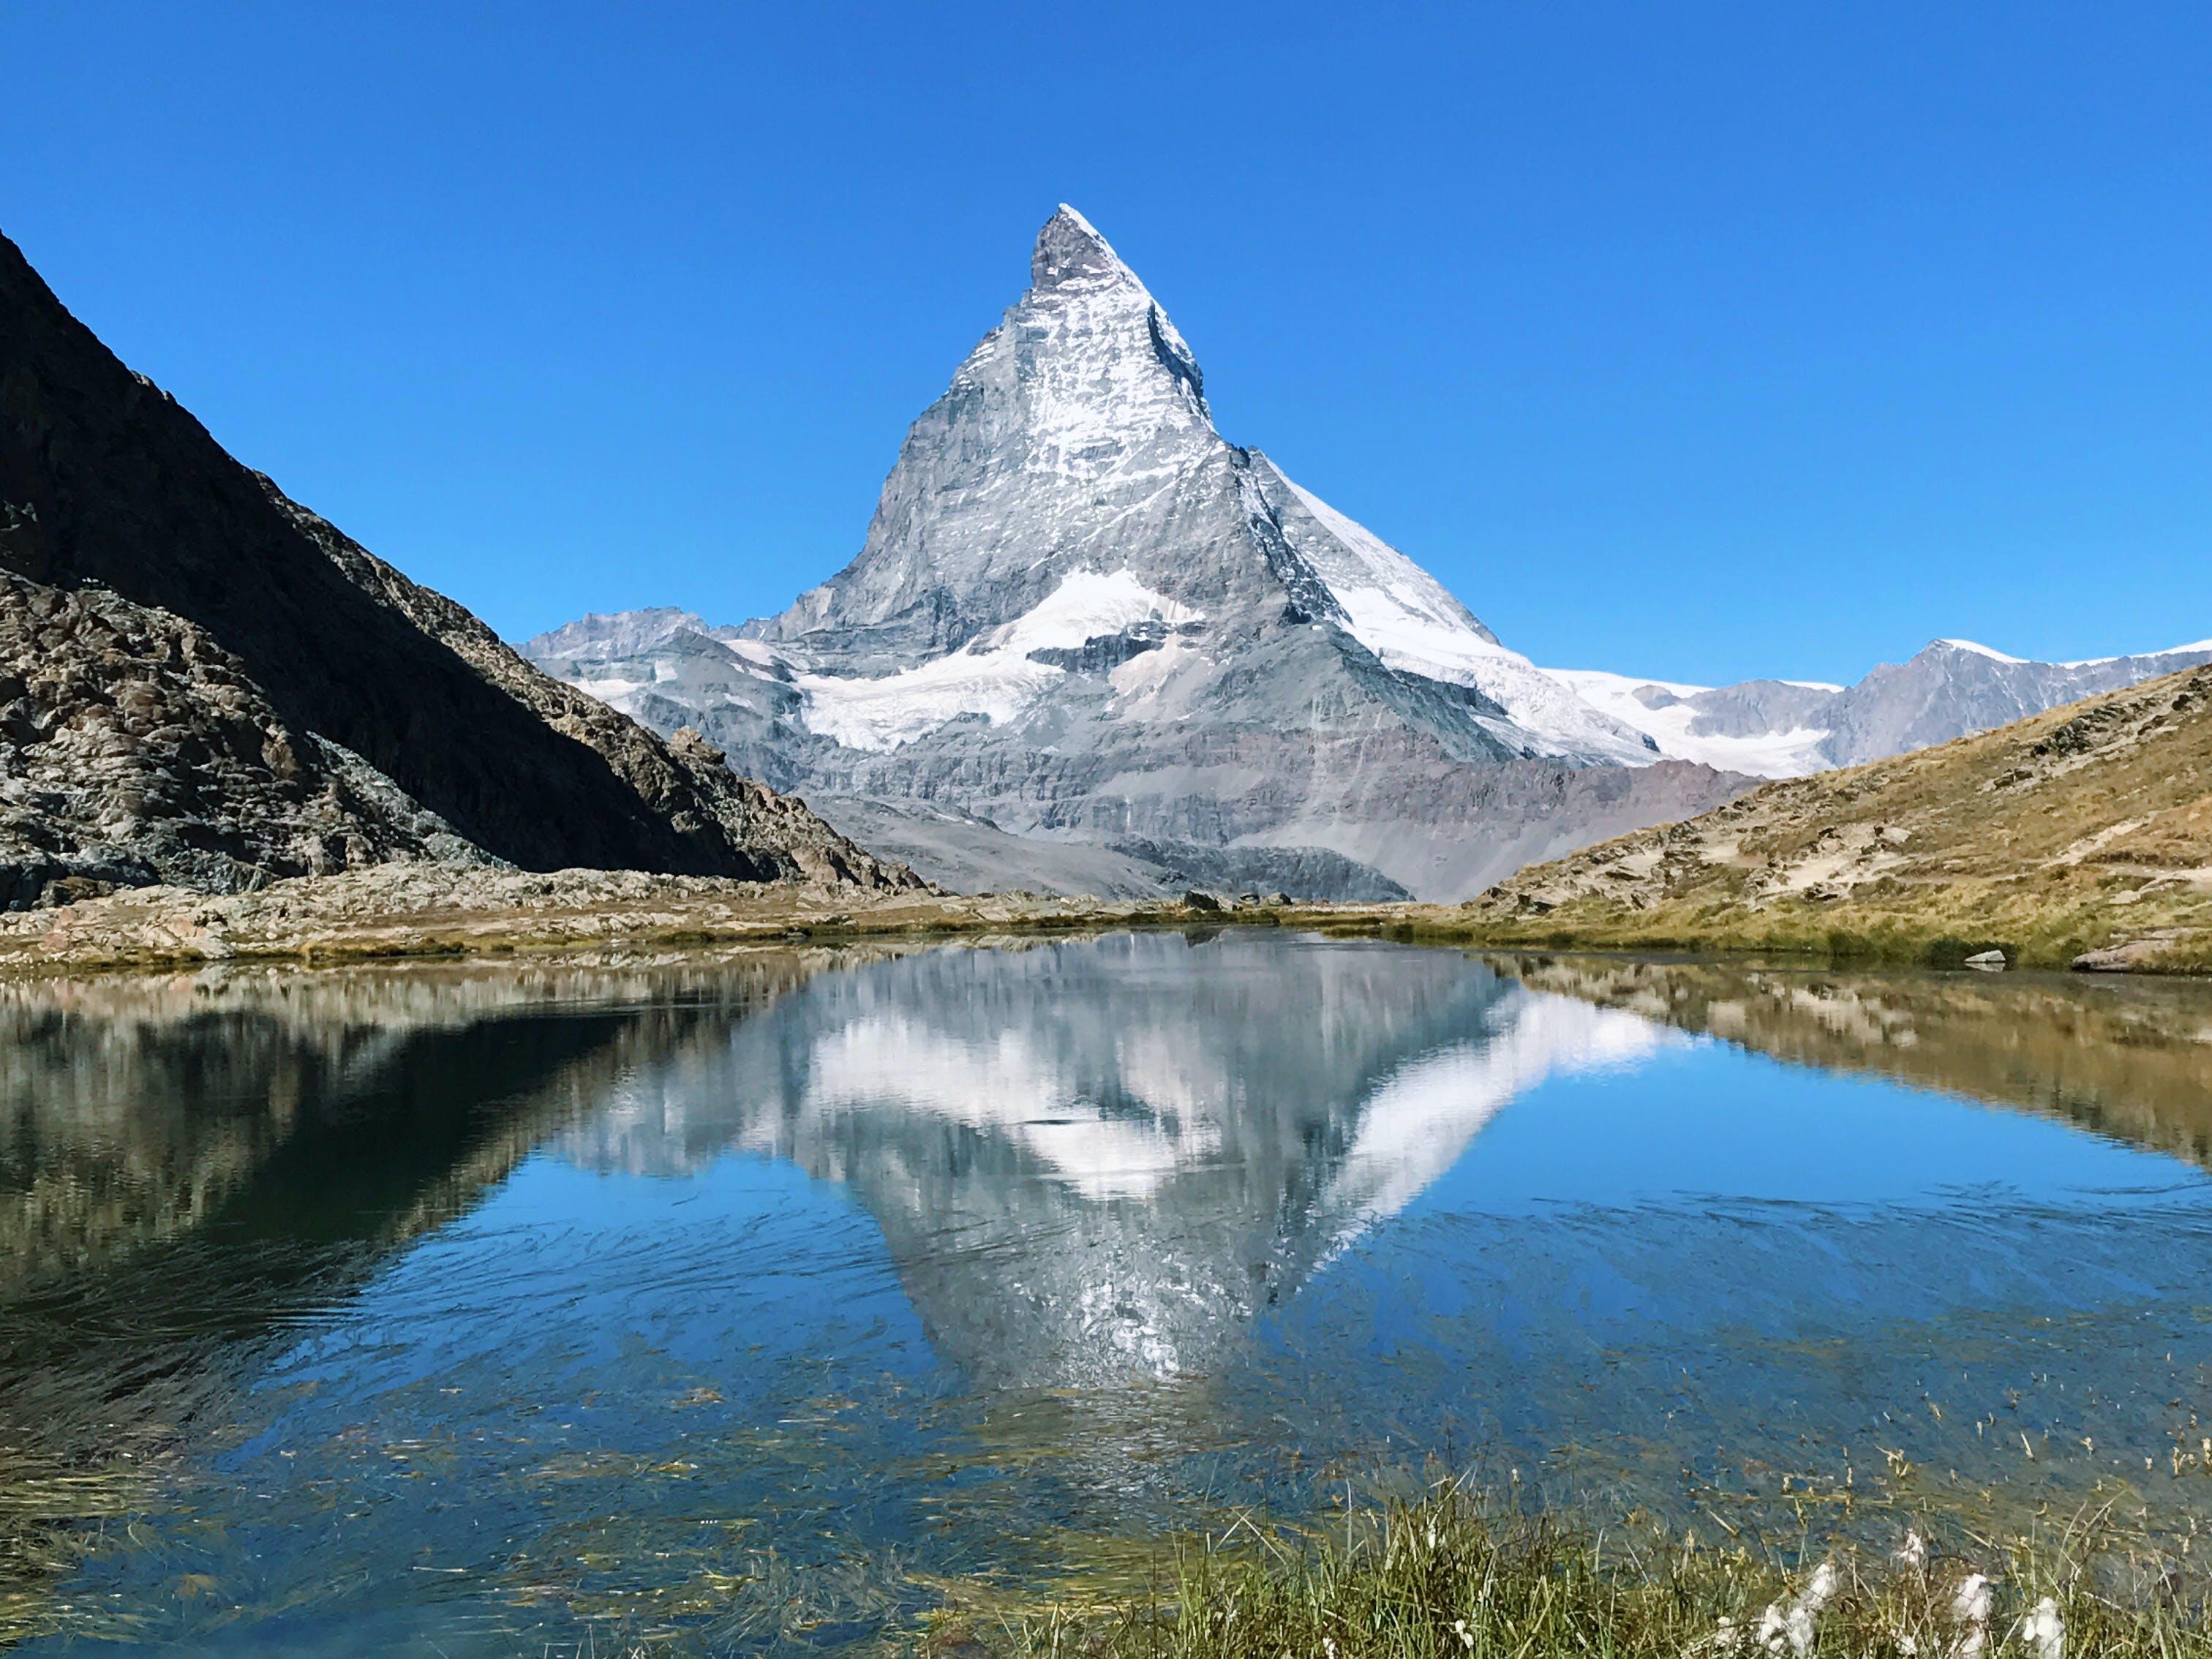 Body of Water Near White Mountain